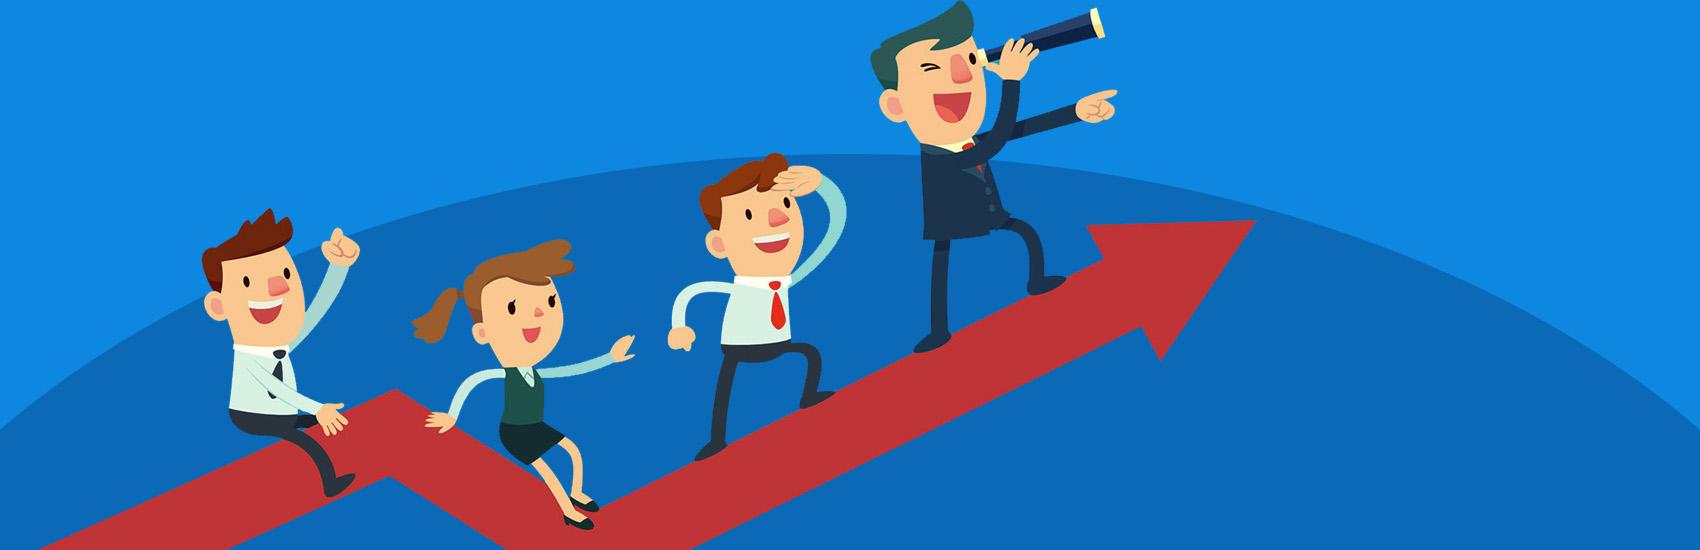 Команда мечты: как найти классных сотрудников и влюбить их в вашу компанию